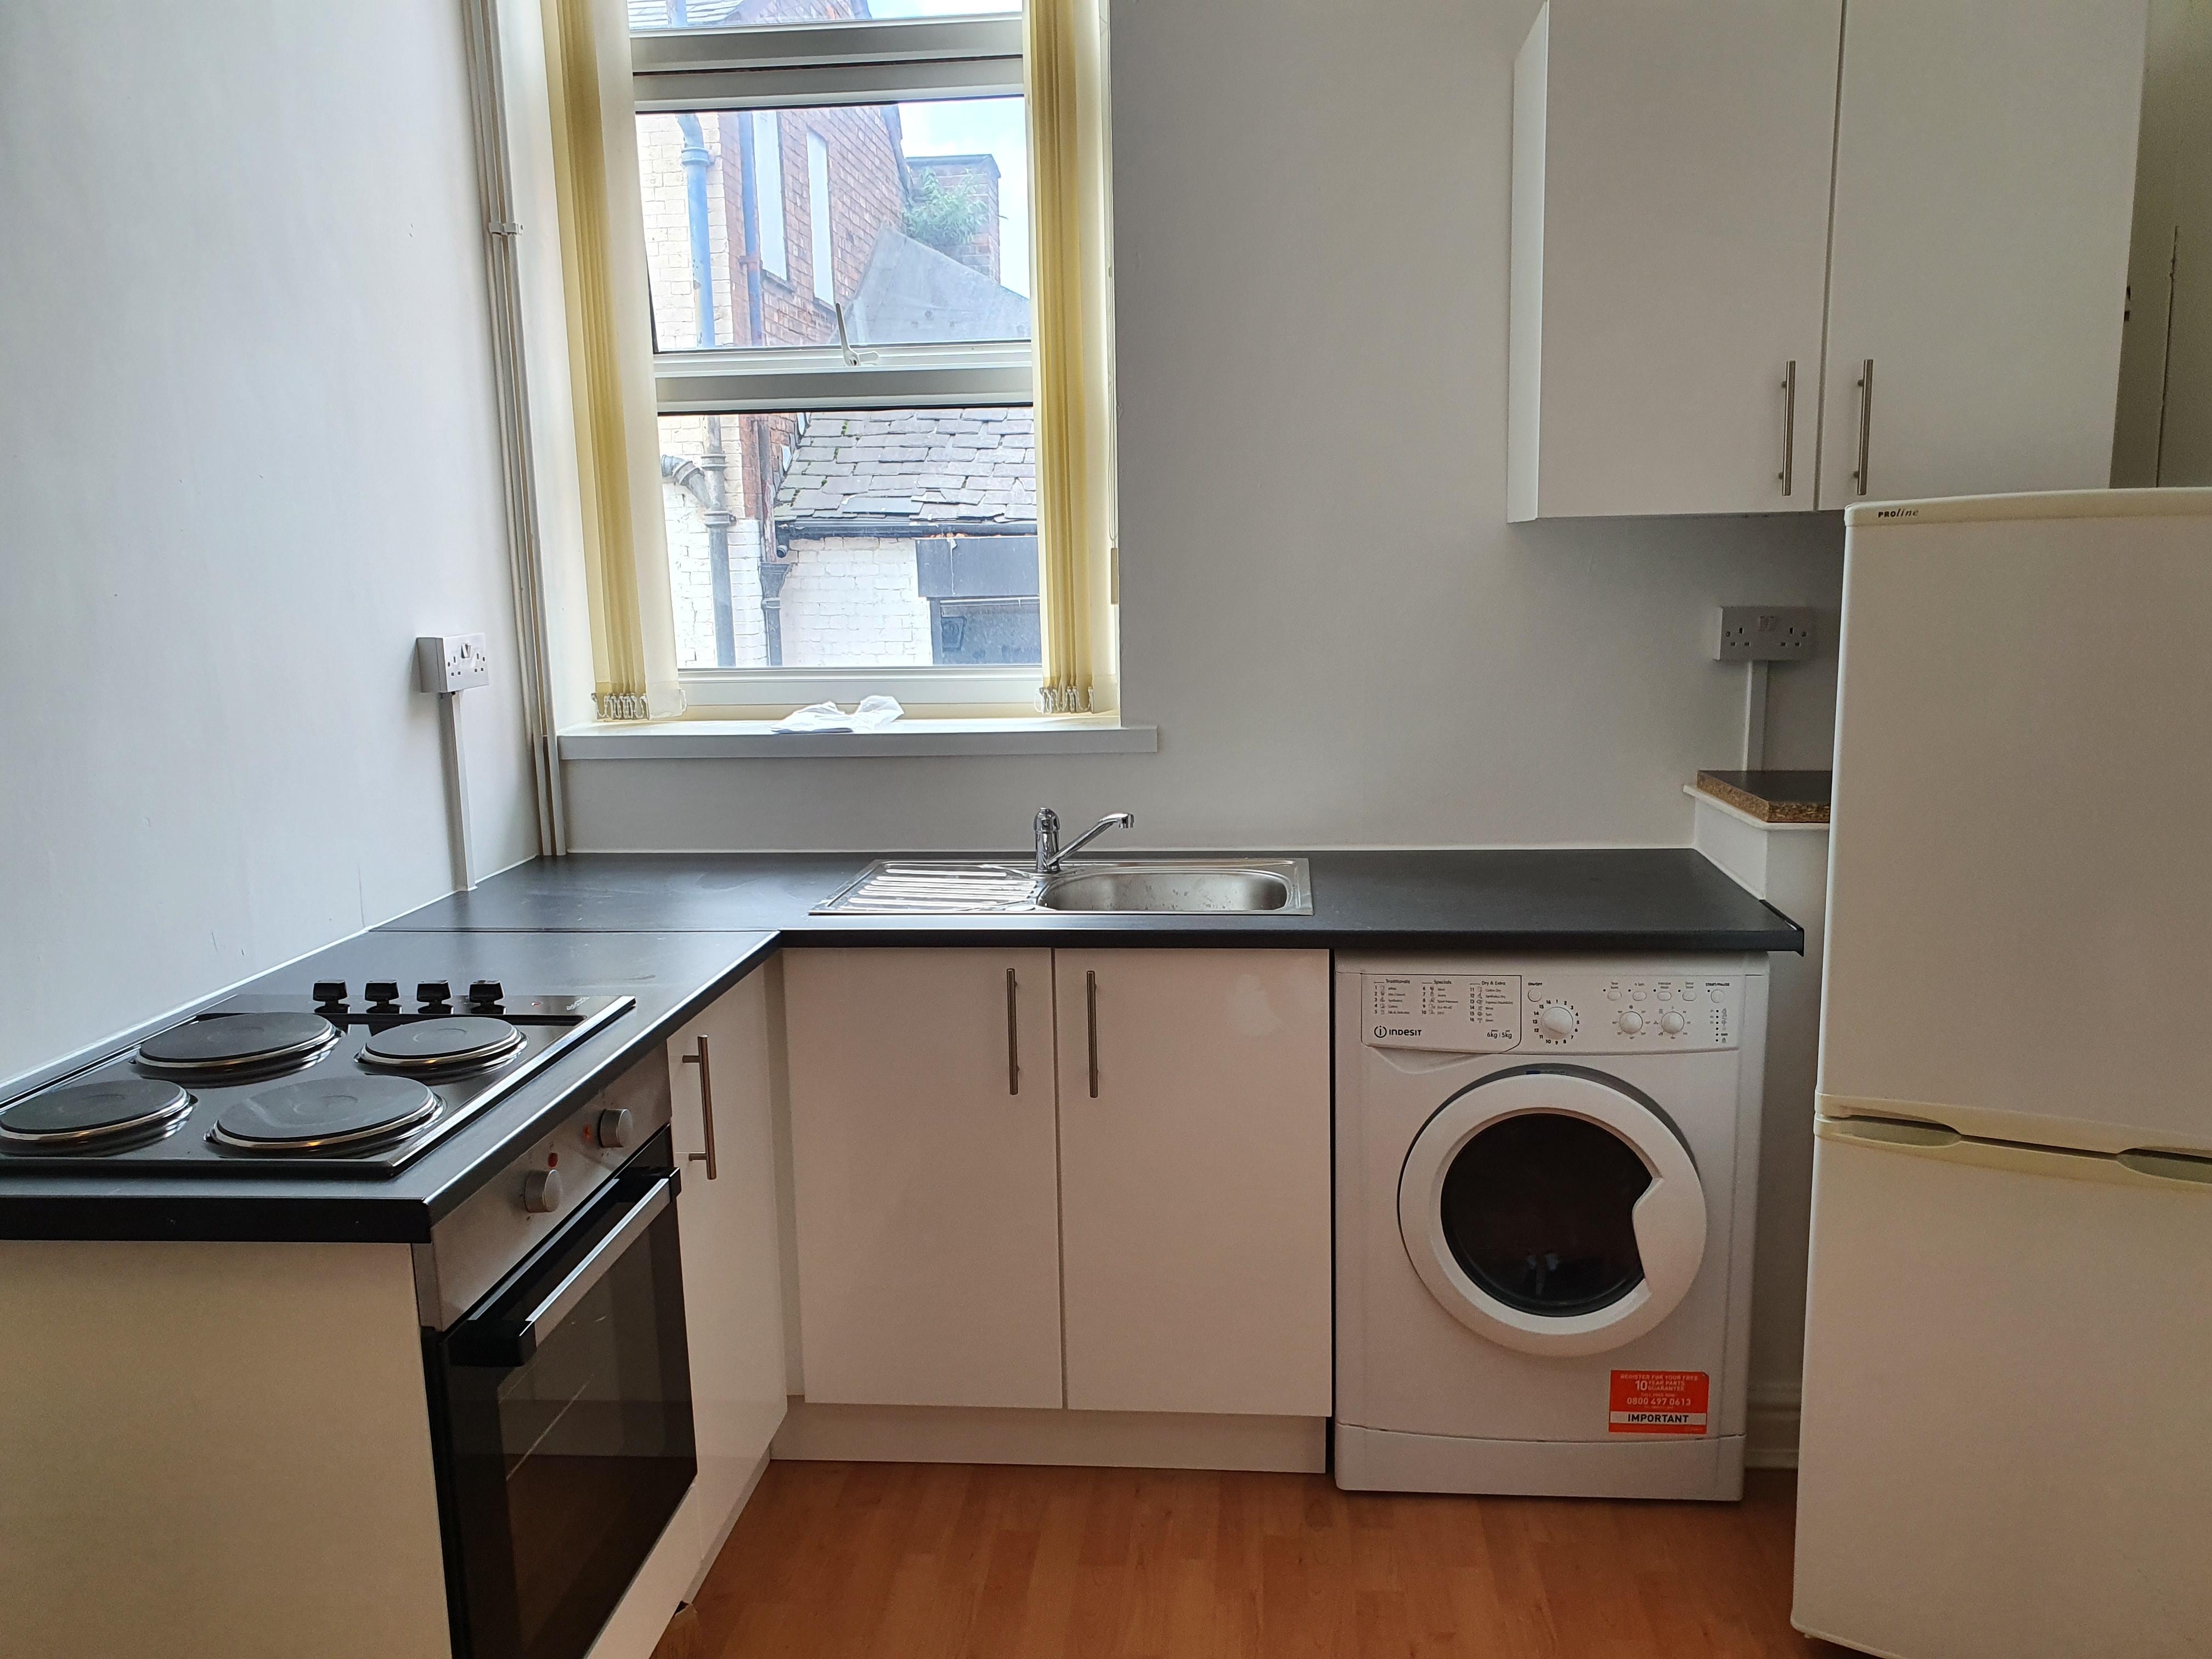 davenport 6 bed room 1 kitchen